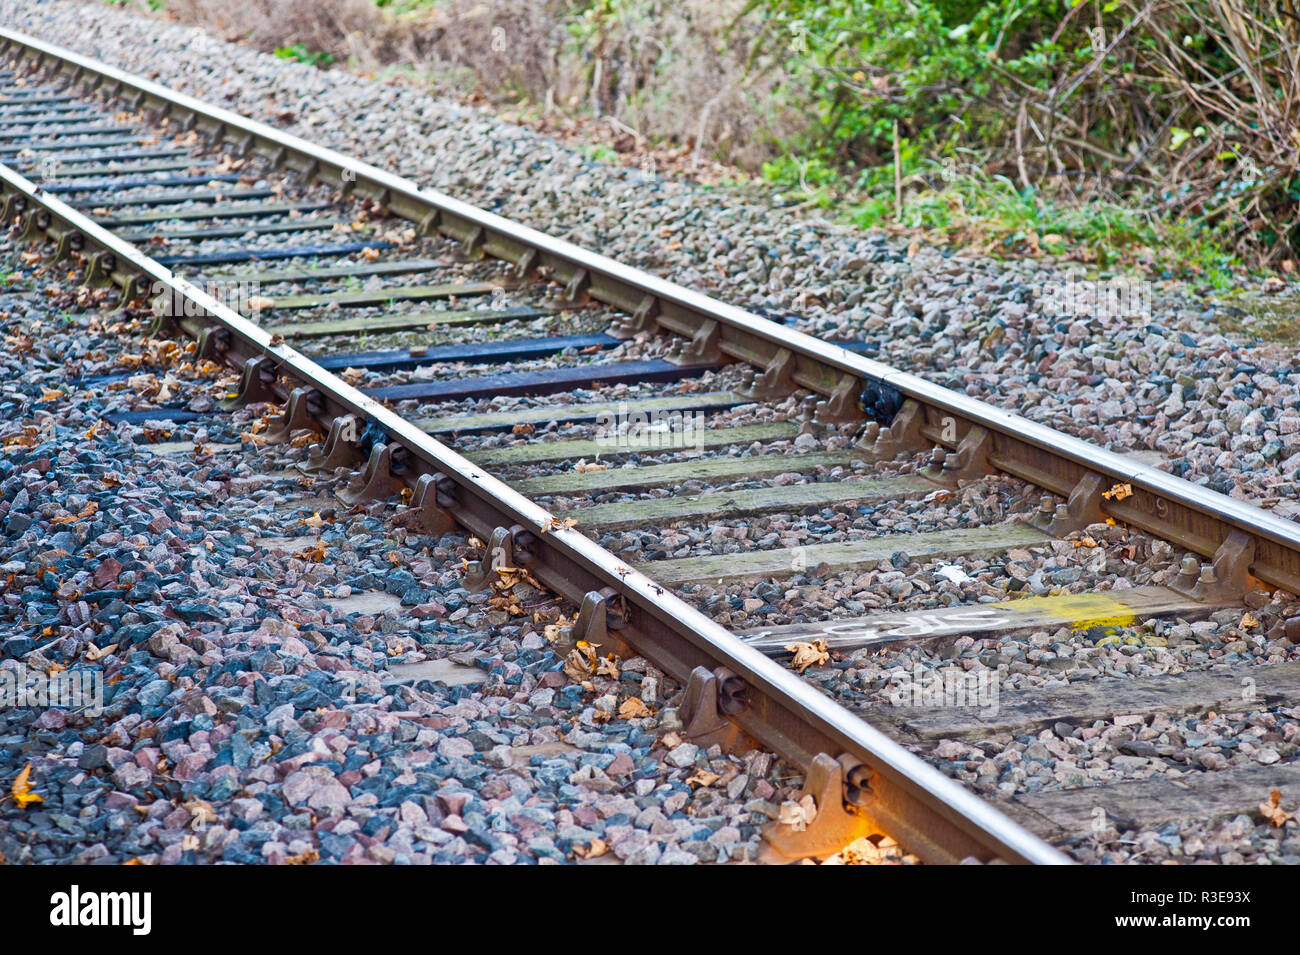 Laub auf den Schienen, Bahnlinien, Eisenbahninfrastruktur, Wartung, Great Ayton Bahnhof, North Yorkshire, England Stockbild